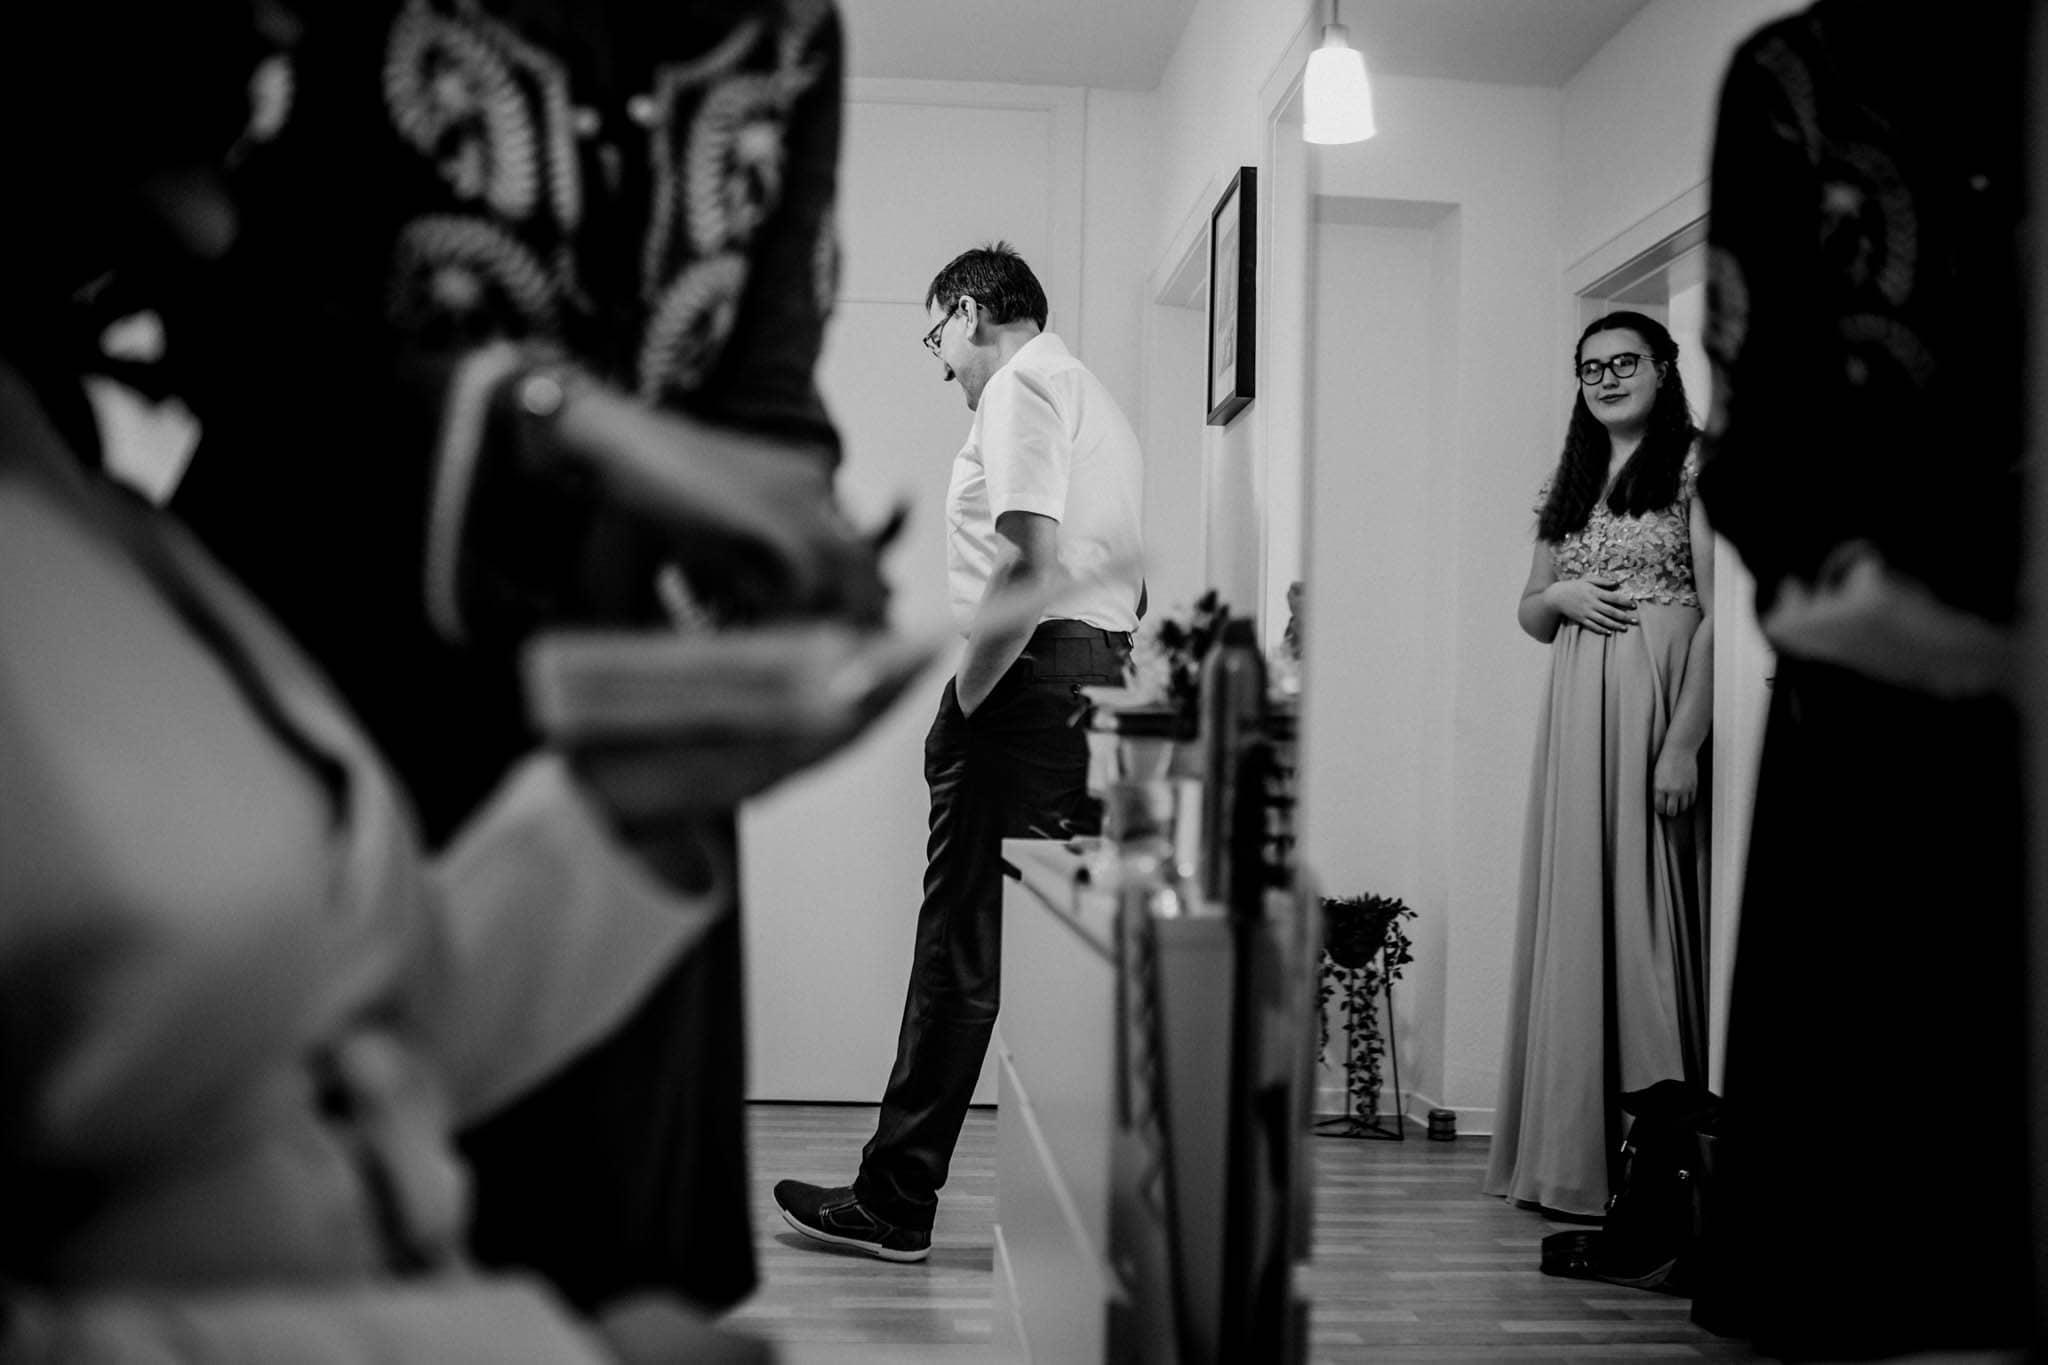 Hochzeitsfieber by Photo-Schomburg, Hochzeitsfotograf, Hamburg, Altona, wedding, Standesamt Altona, Appen, Hochzeitsshooting, Hochzeitstag, Brautpaar-15